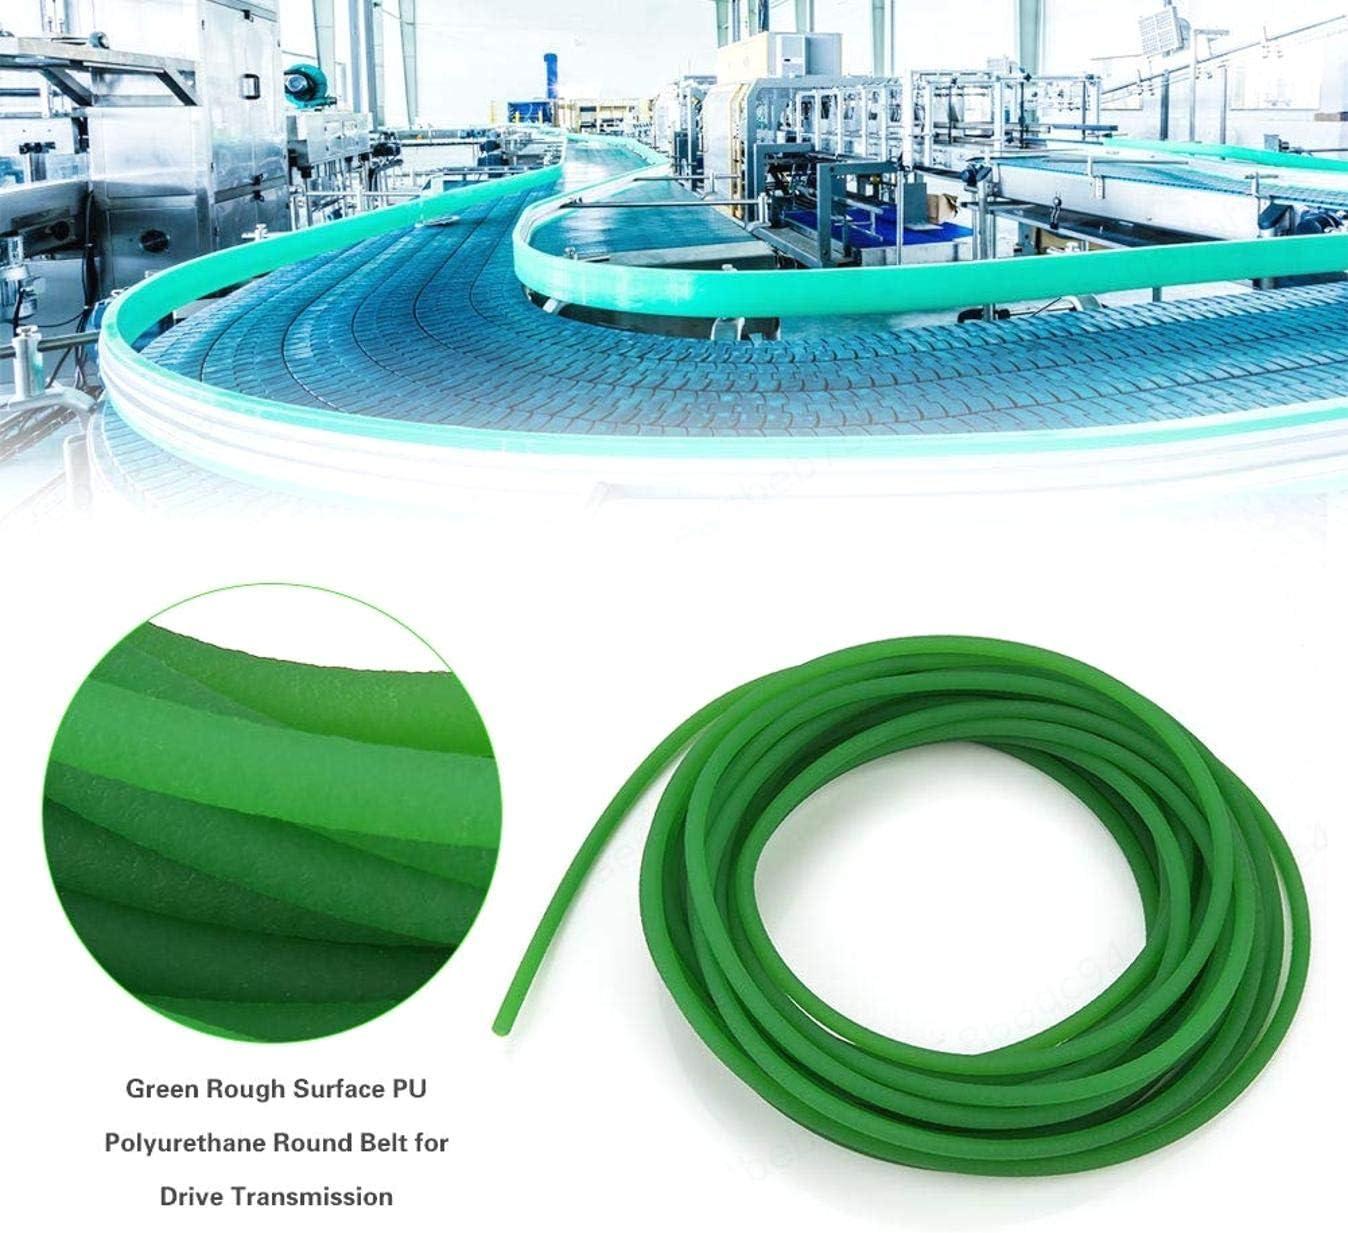 Correa Redonda de Poliuretano PU de Superficie Rugosa Verde LAQI Correa Redonda de Poliuretano de 5 mm 10 m para transmisi/ón de transmisi/ón